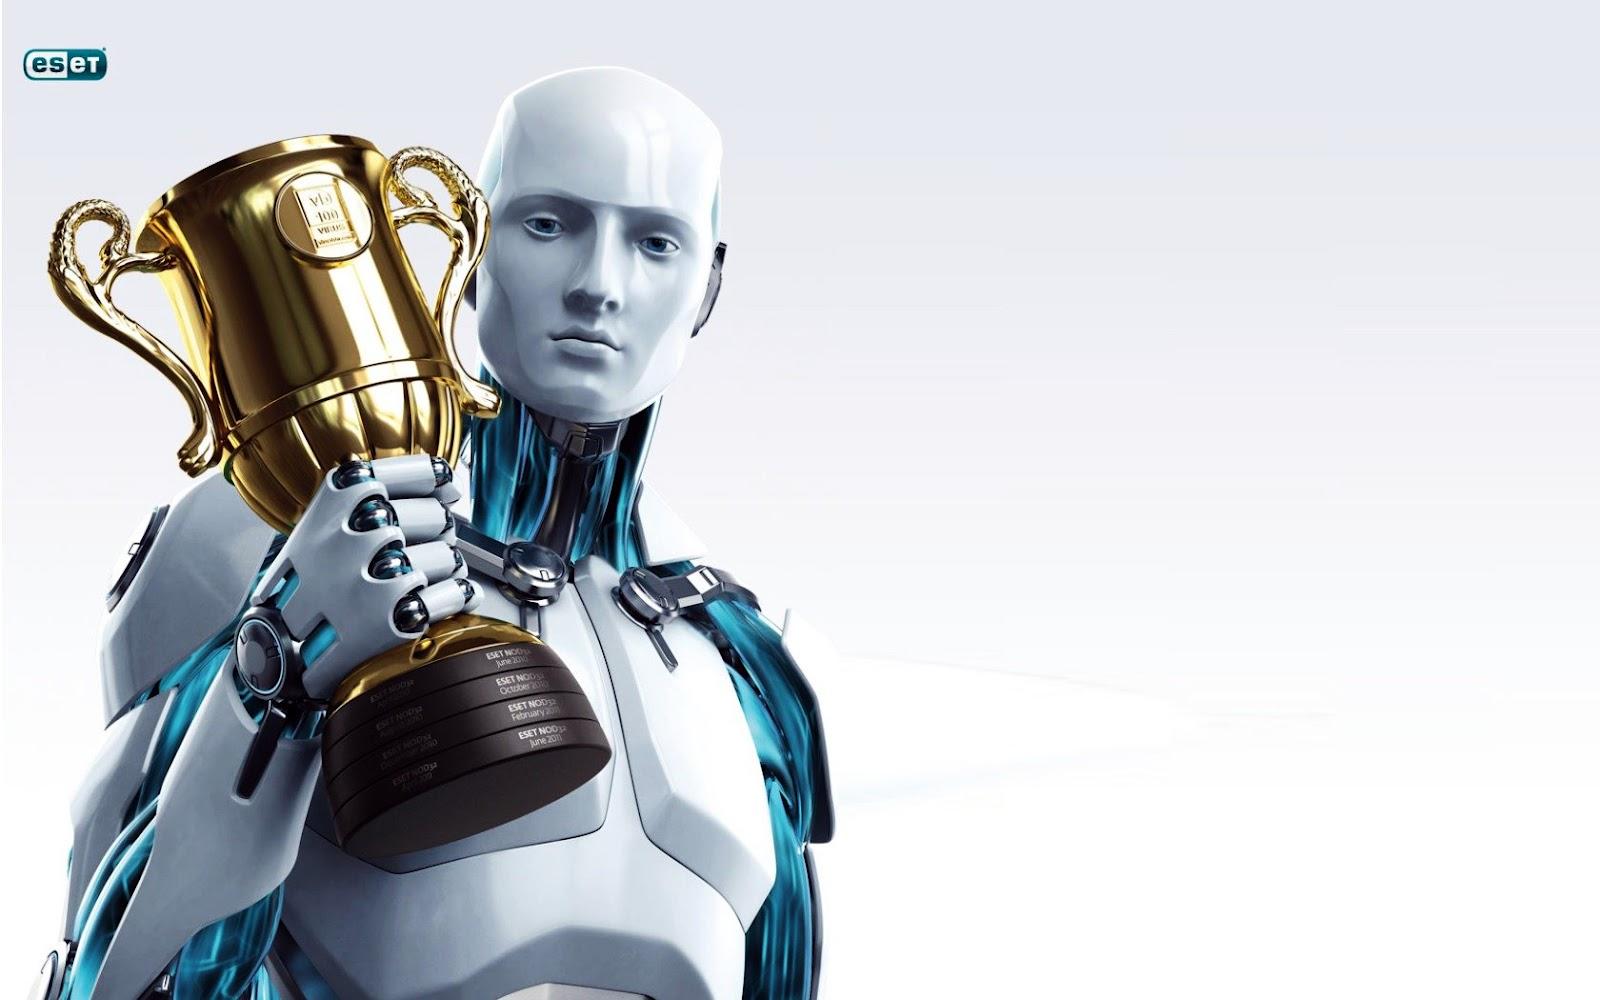 Eset_Nod32_Antivirus_3D_Robot_Holding_Cup_HD_Wallpaper-Vvallpaper.Net